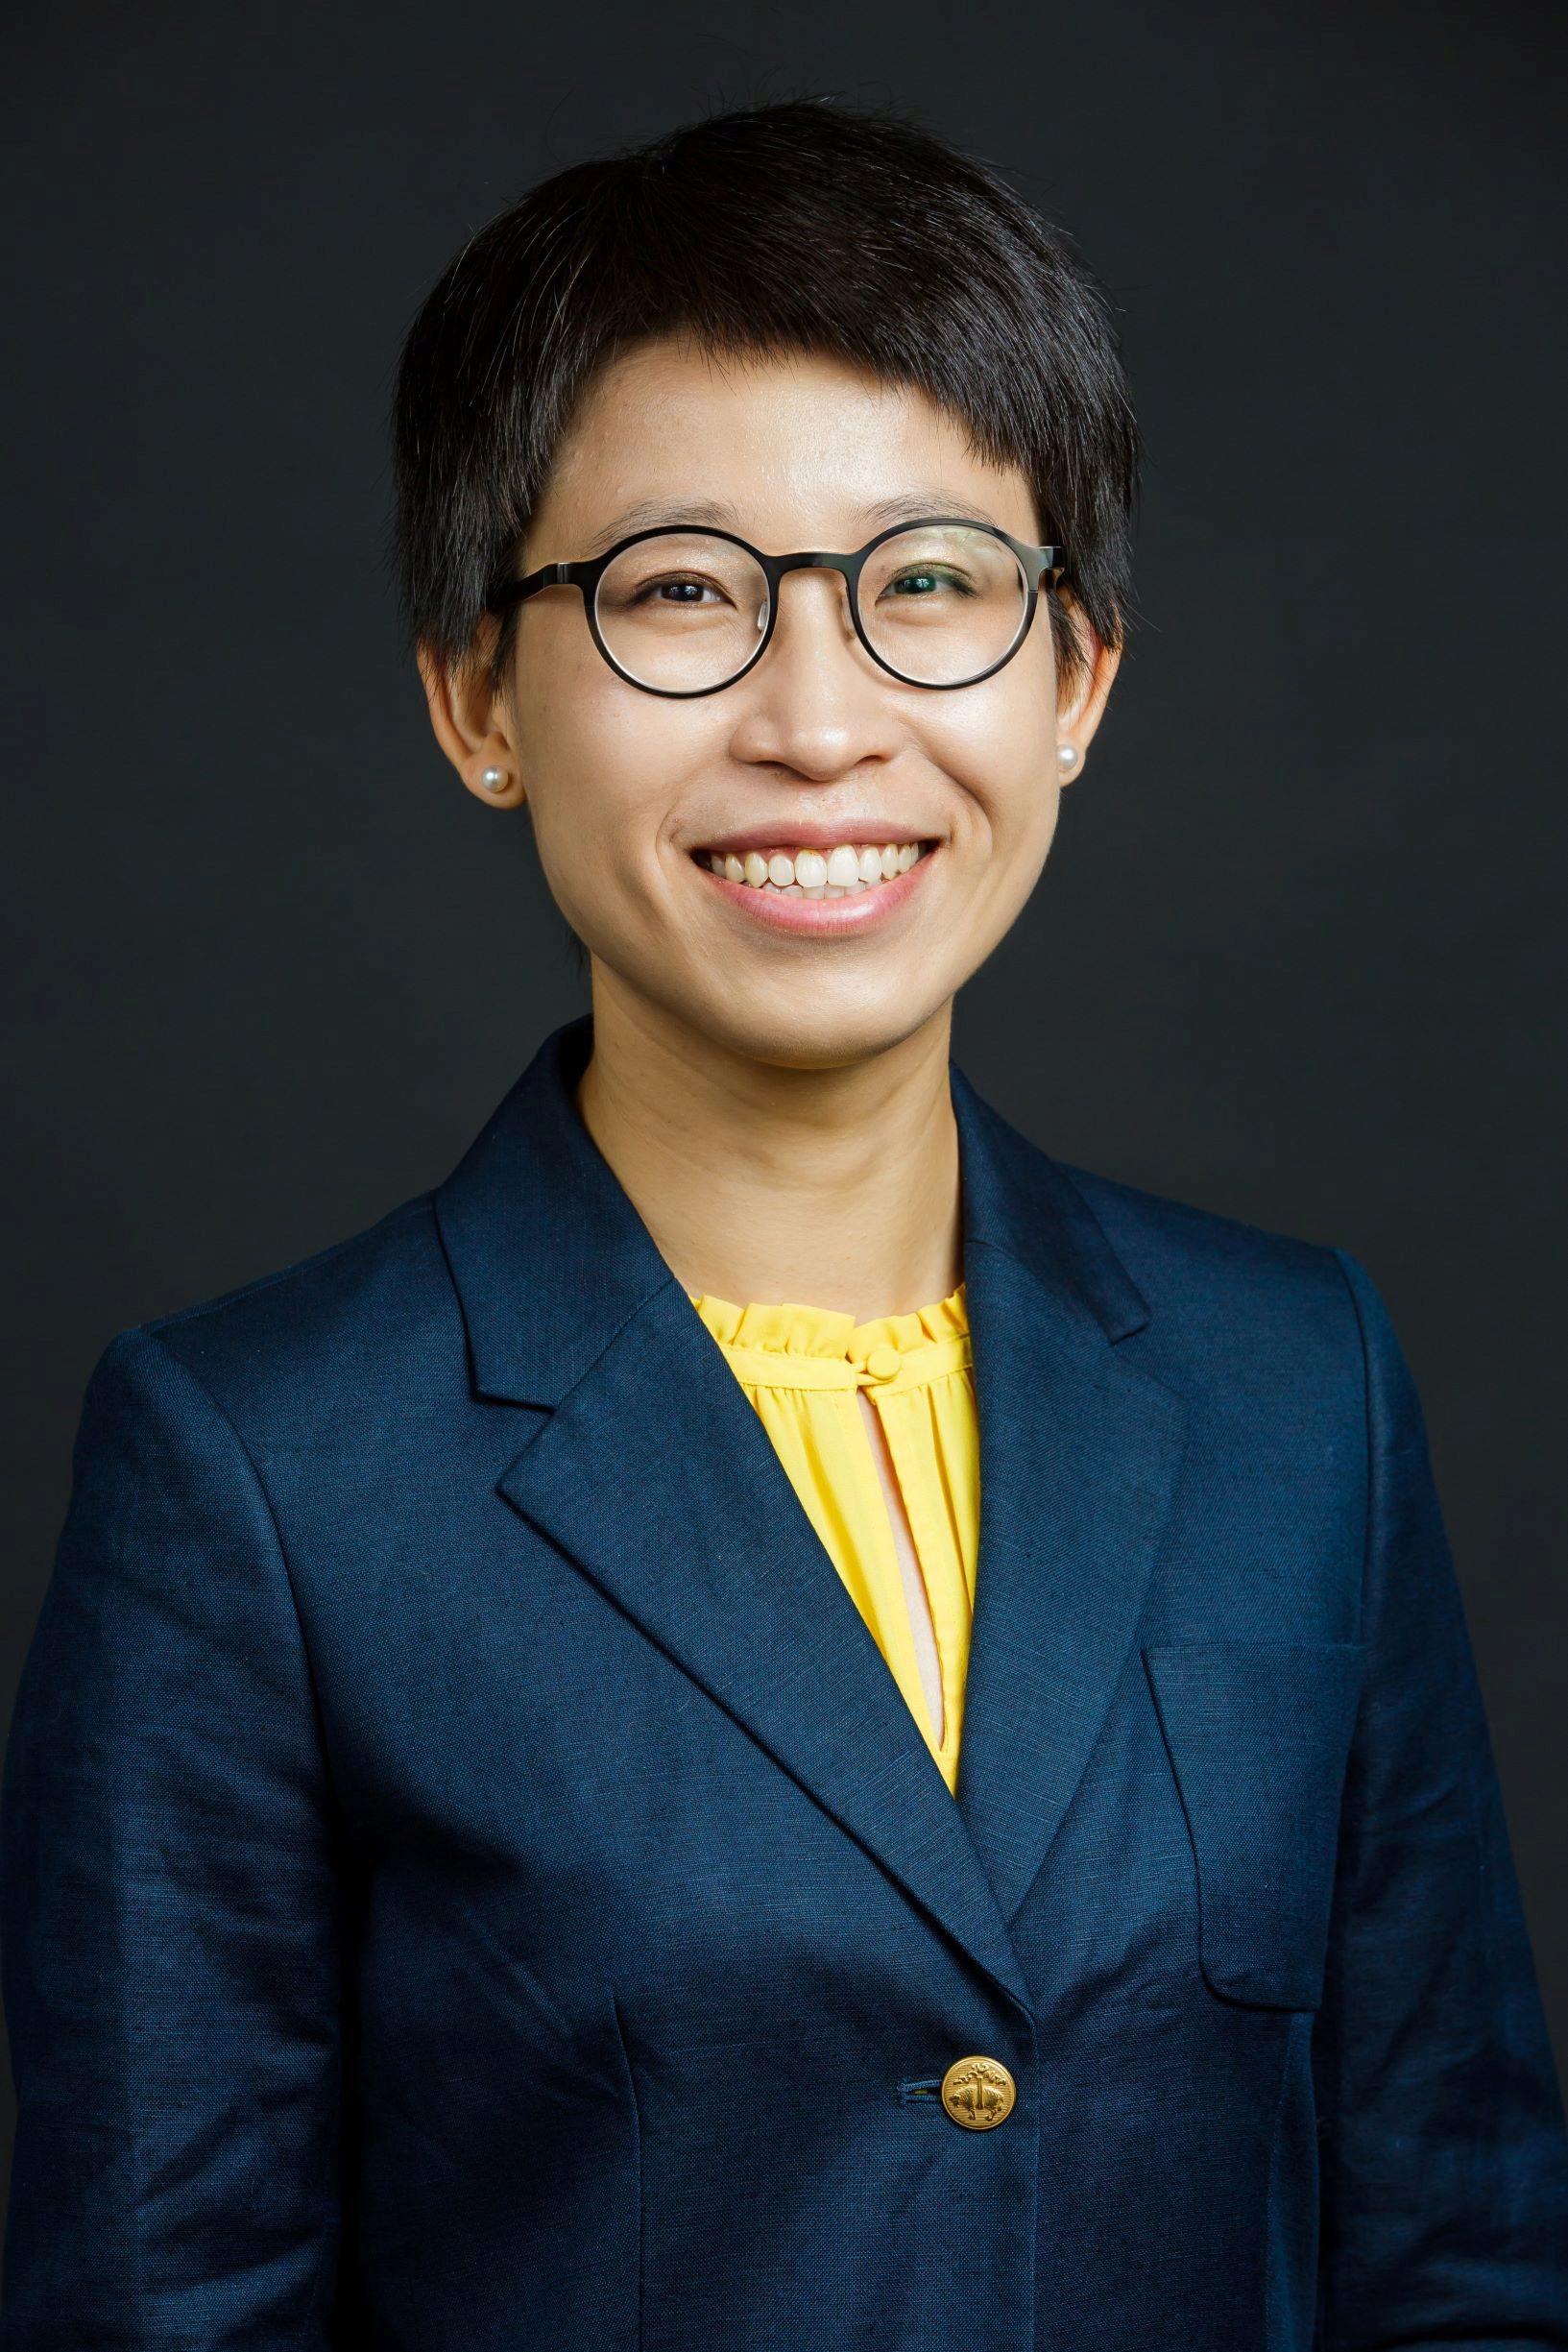 Siyuan Yin